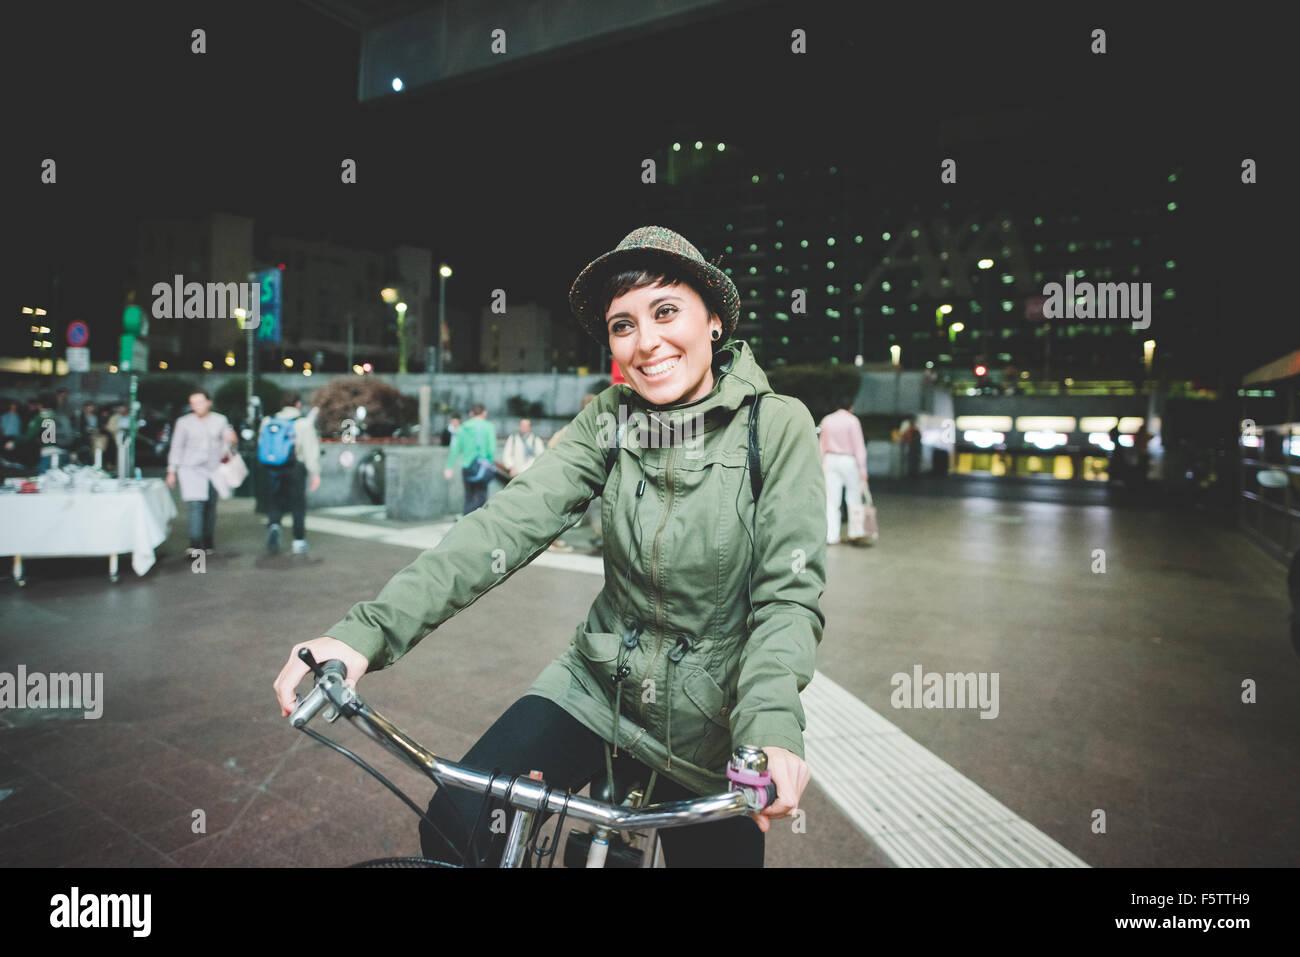 Halbe Länge des jungen schönen kaukasischen braun glattes Haar Frau Fahrrad fahren in der Nacht, mit Blick Stockbild